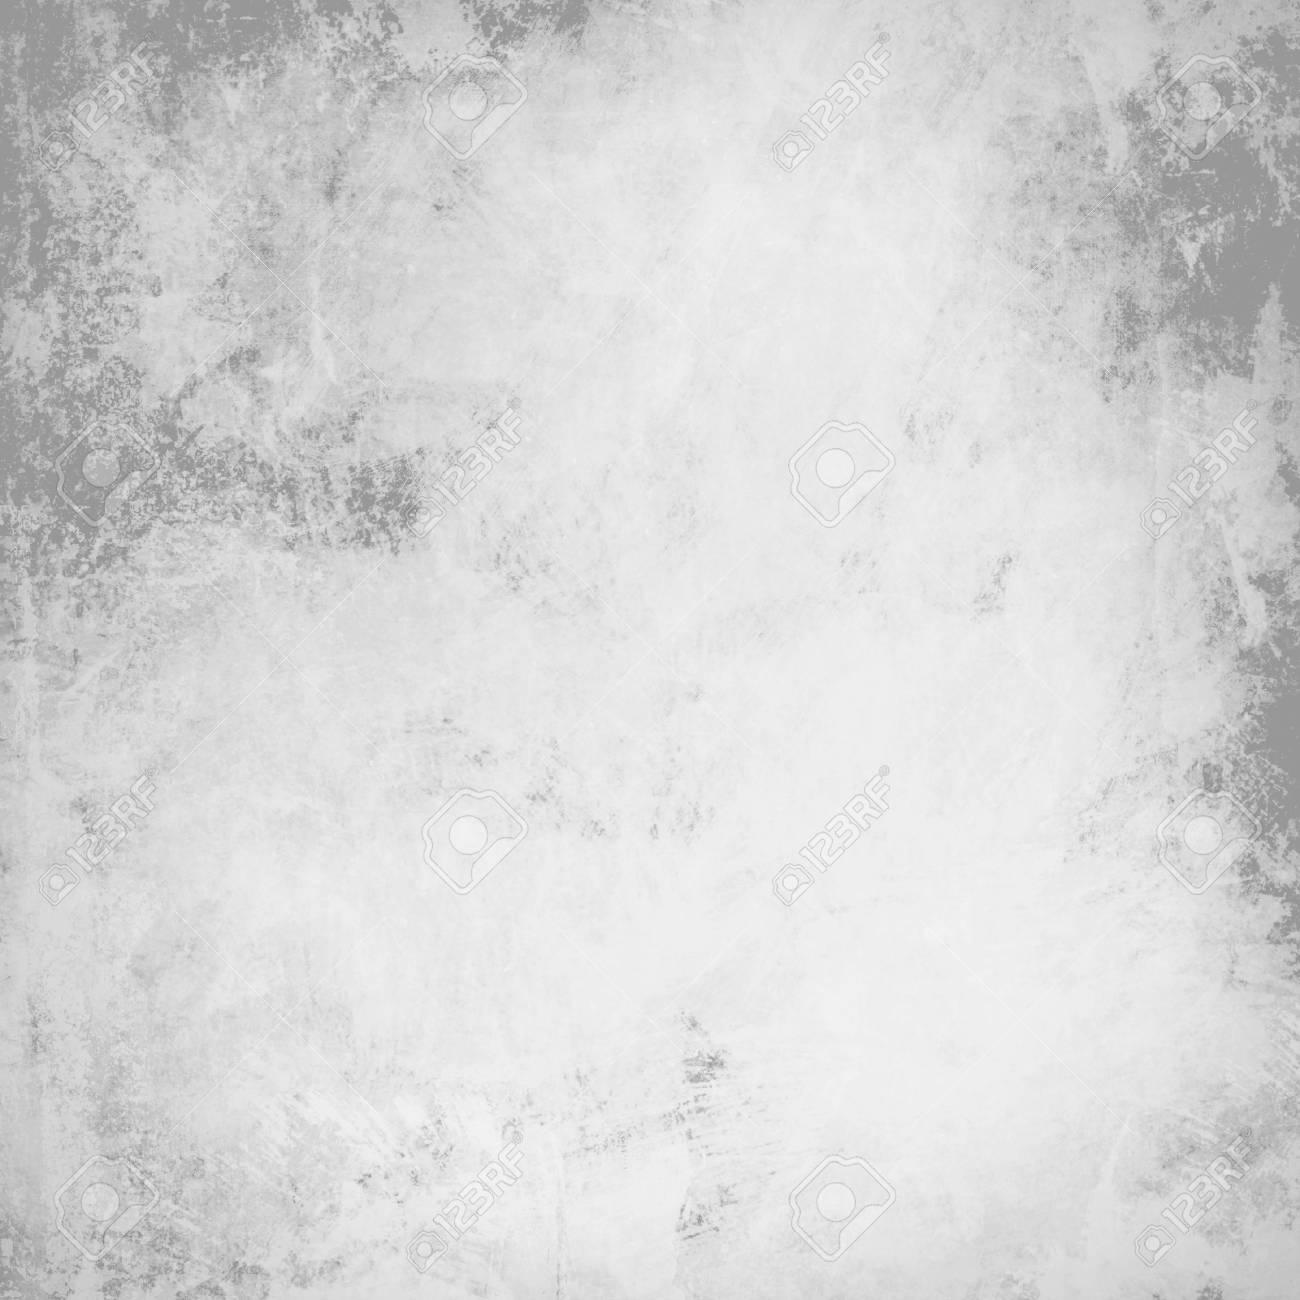 グランジ灰色背景 の写真素材・画像素材 Image 46742272.